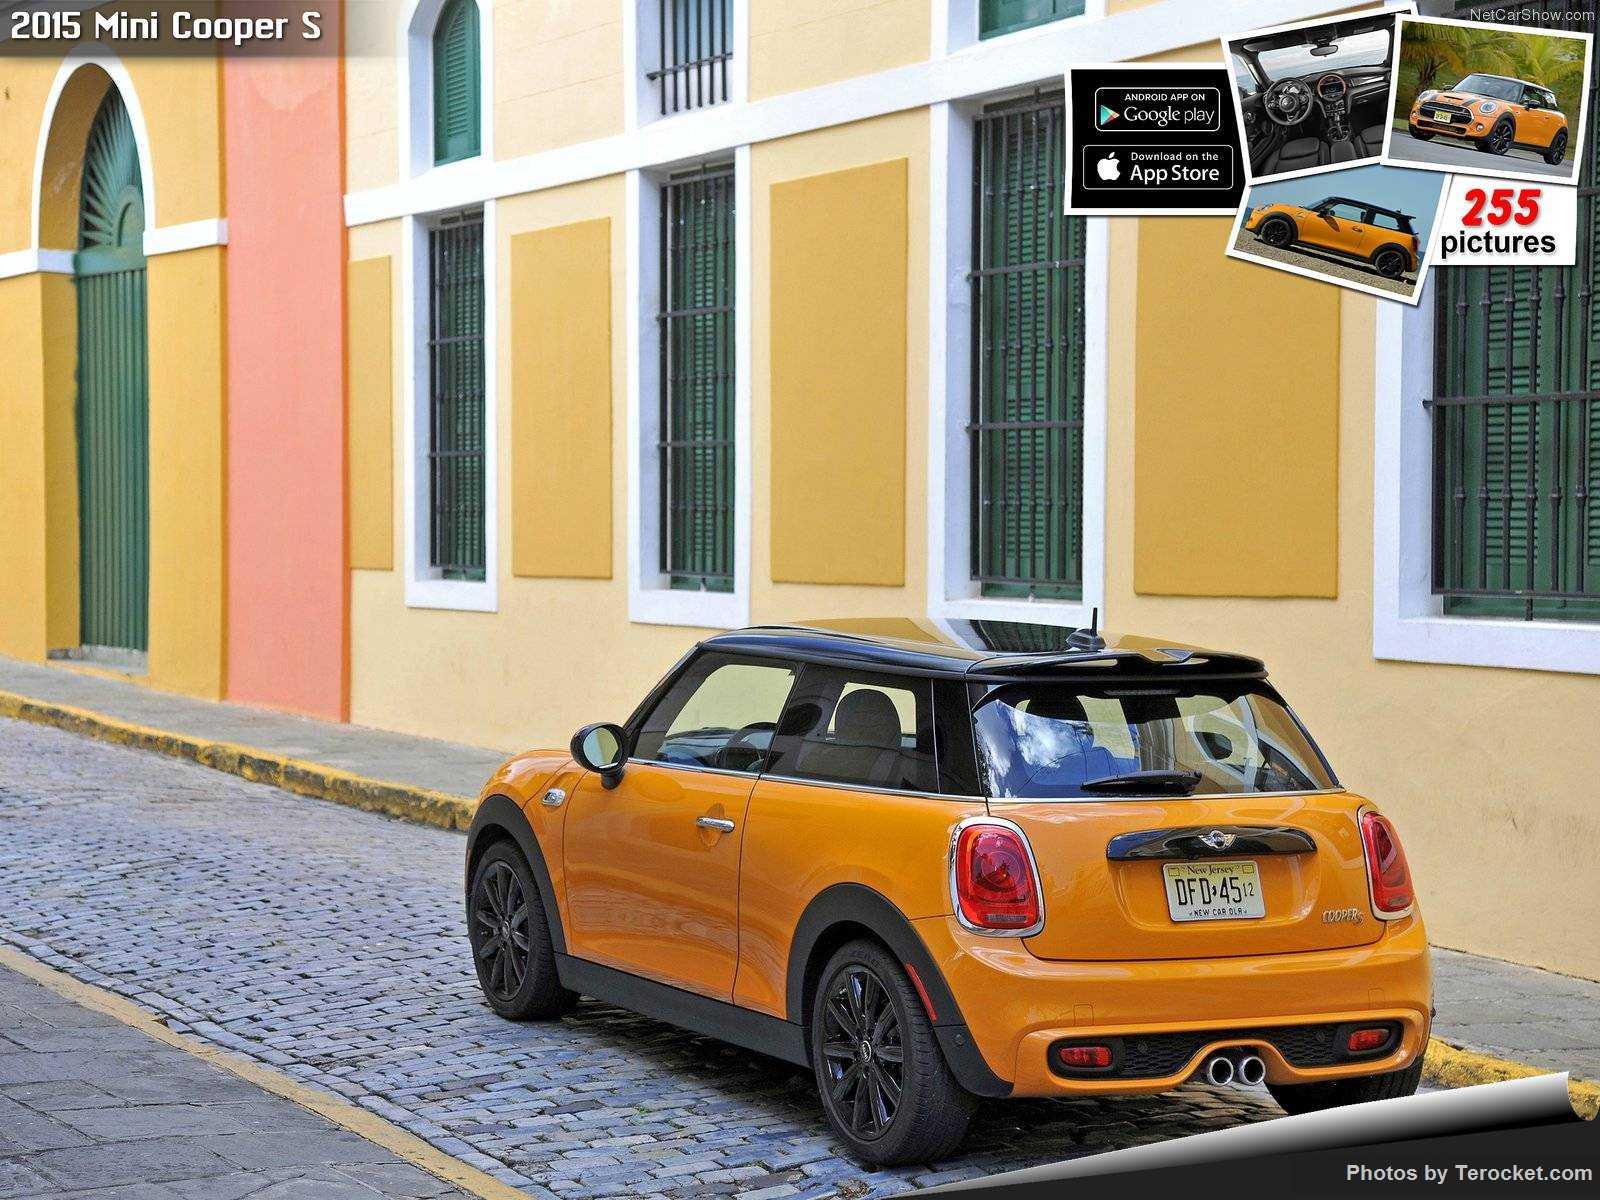 Hình ảnh xe ô tô Mini Cooper S 2015 & nội ngoại thất